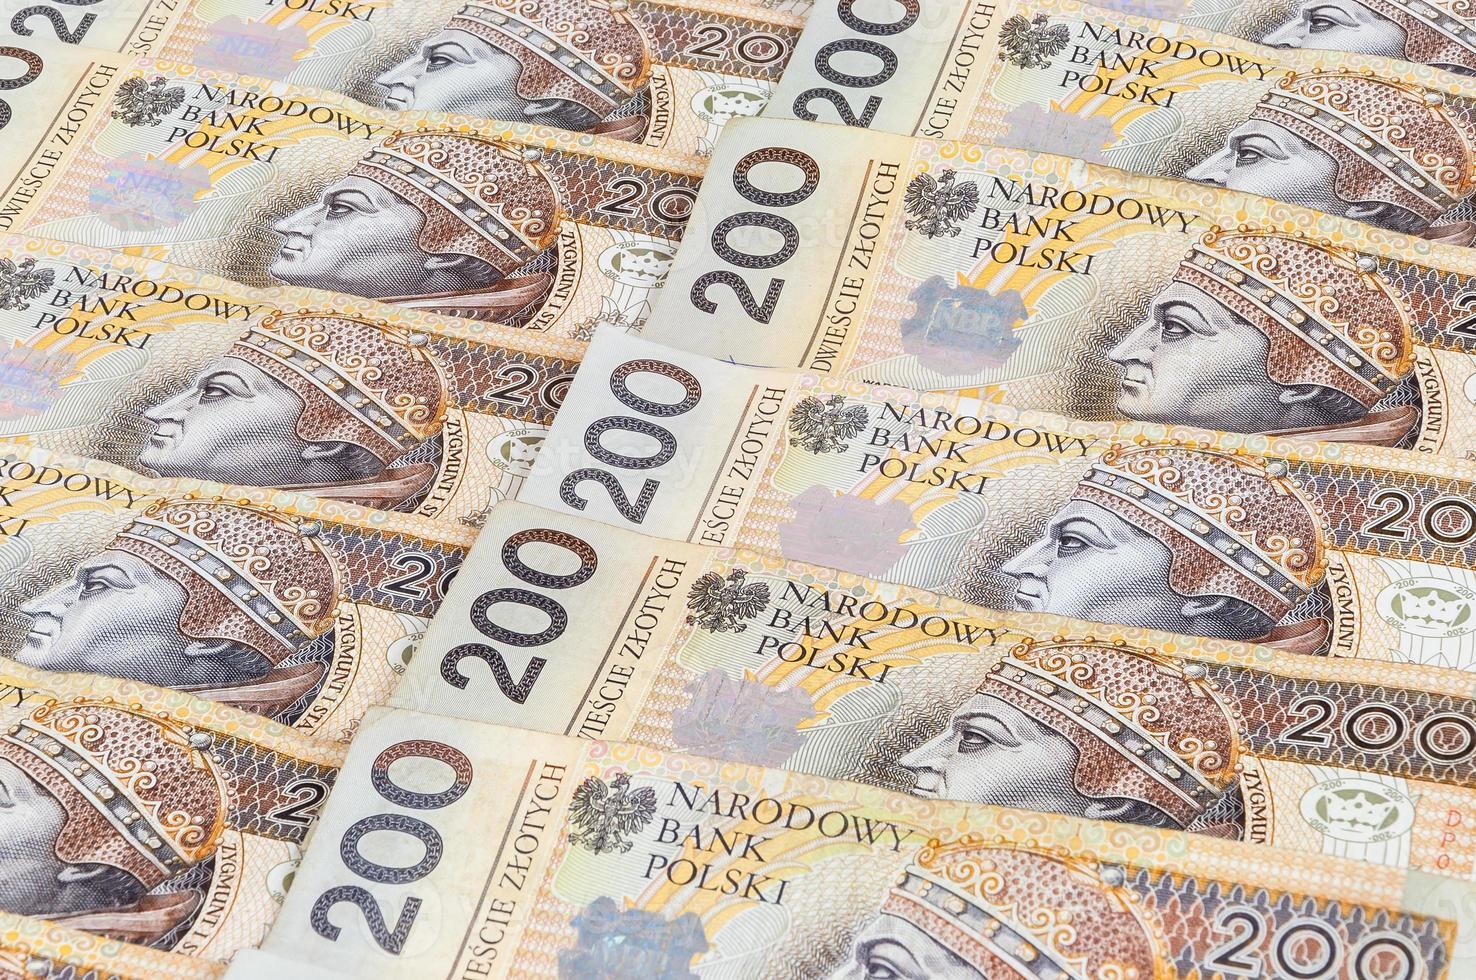 banconote da 200 pln - zloty polacco foto